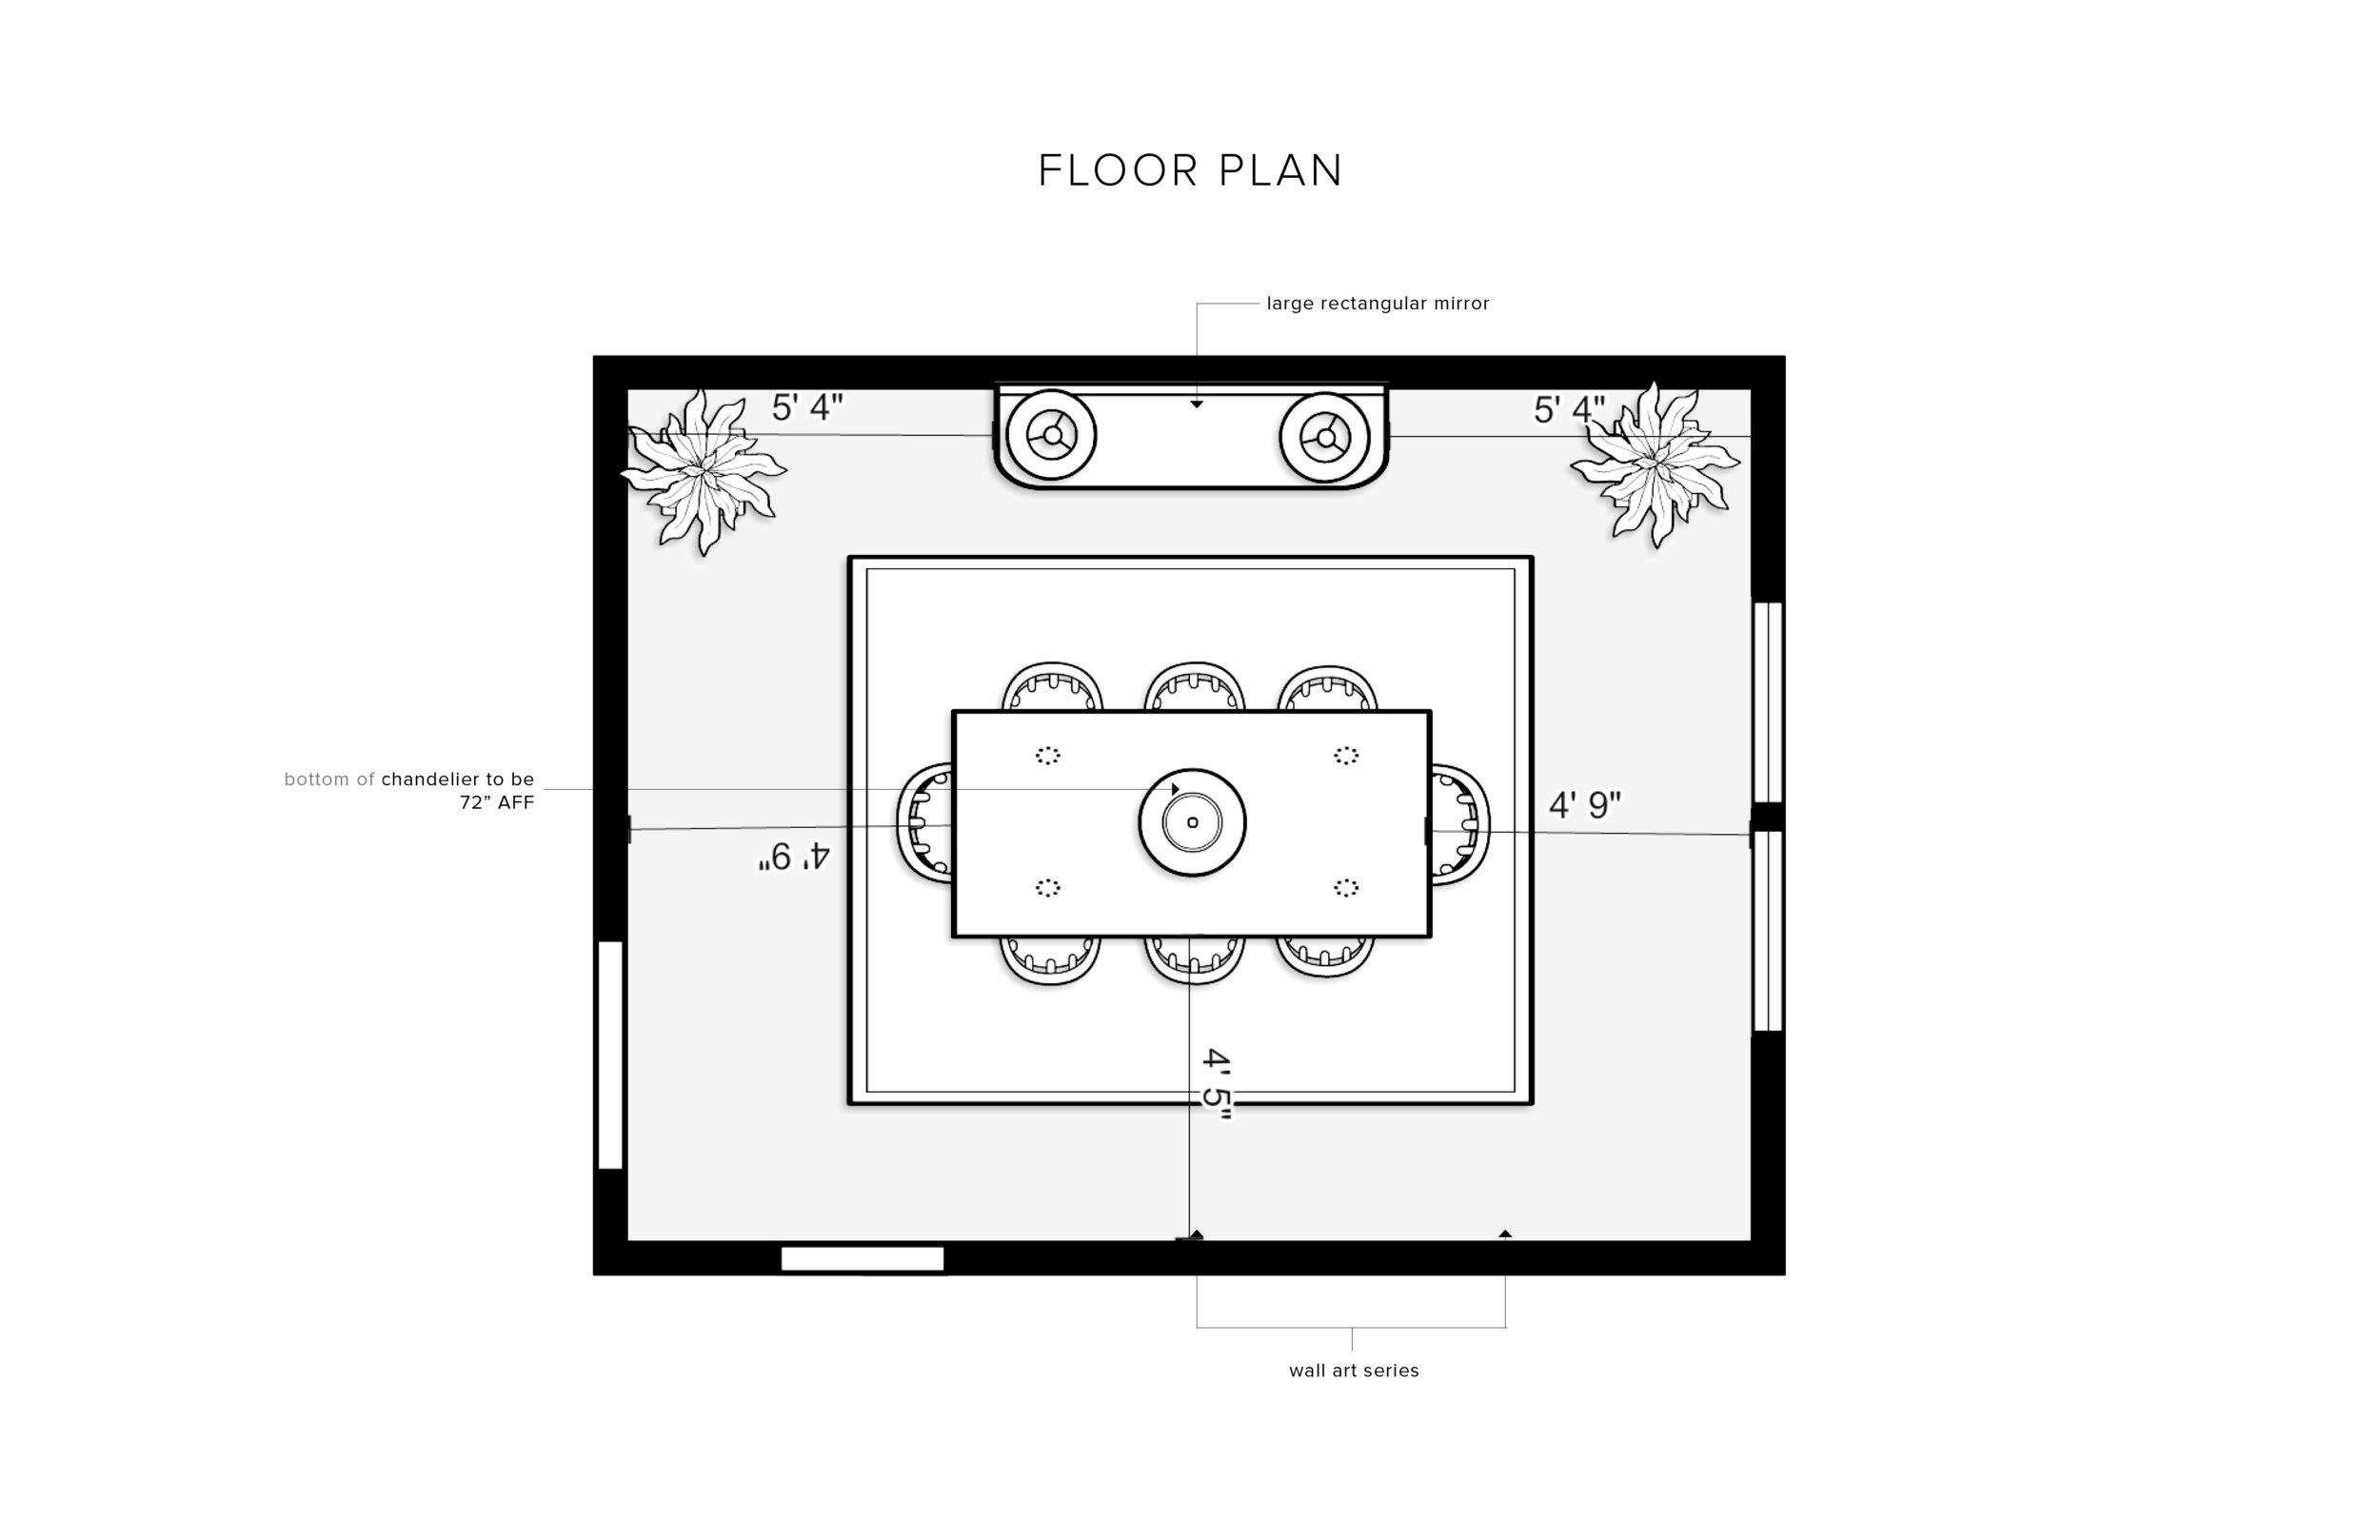 DK DIning Room Final Floor Plan.jpg